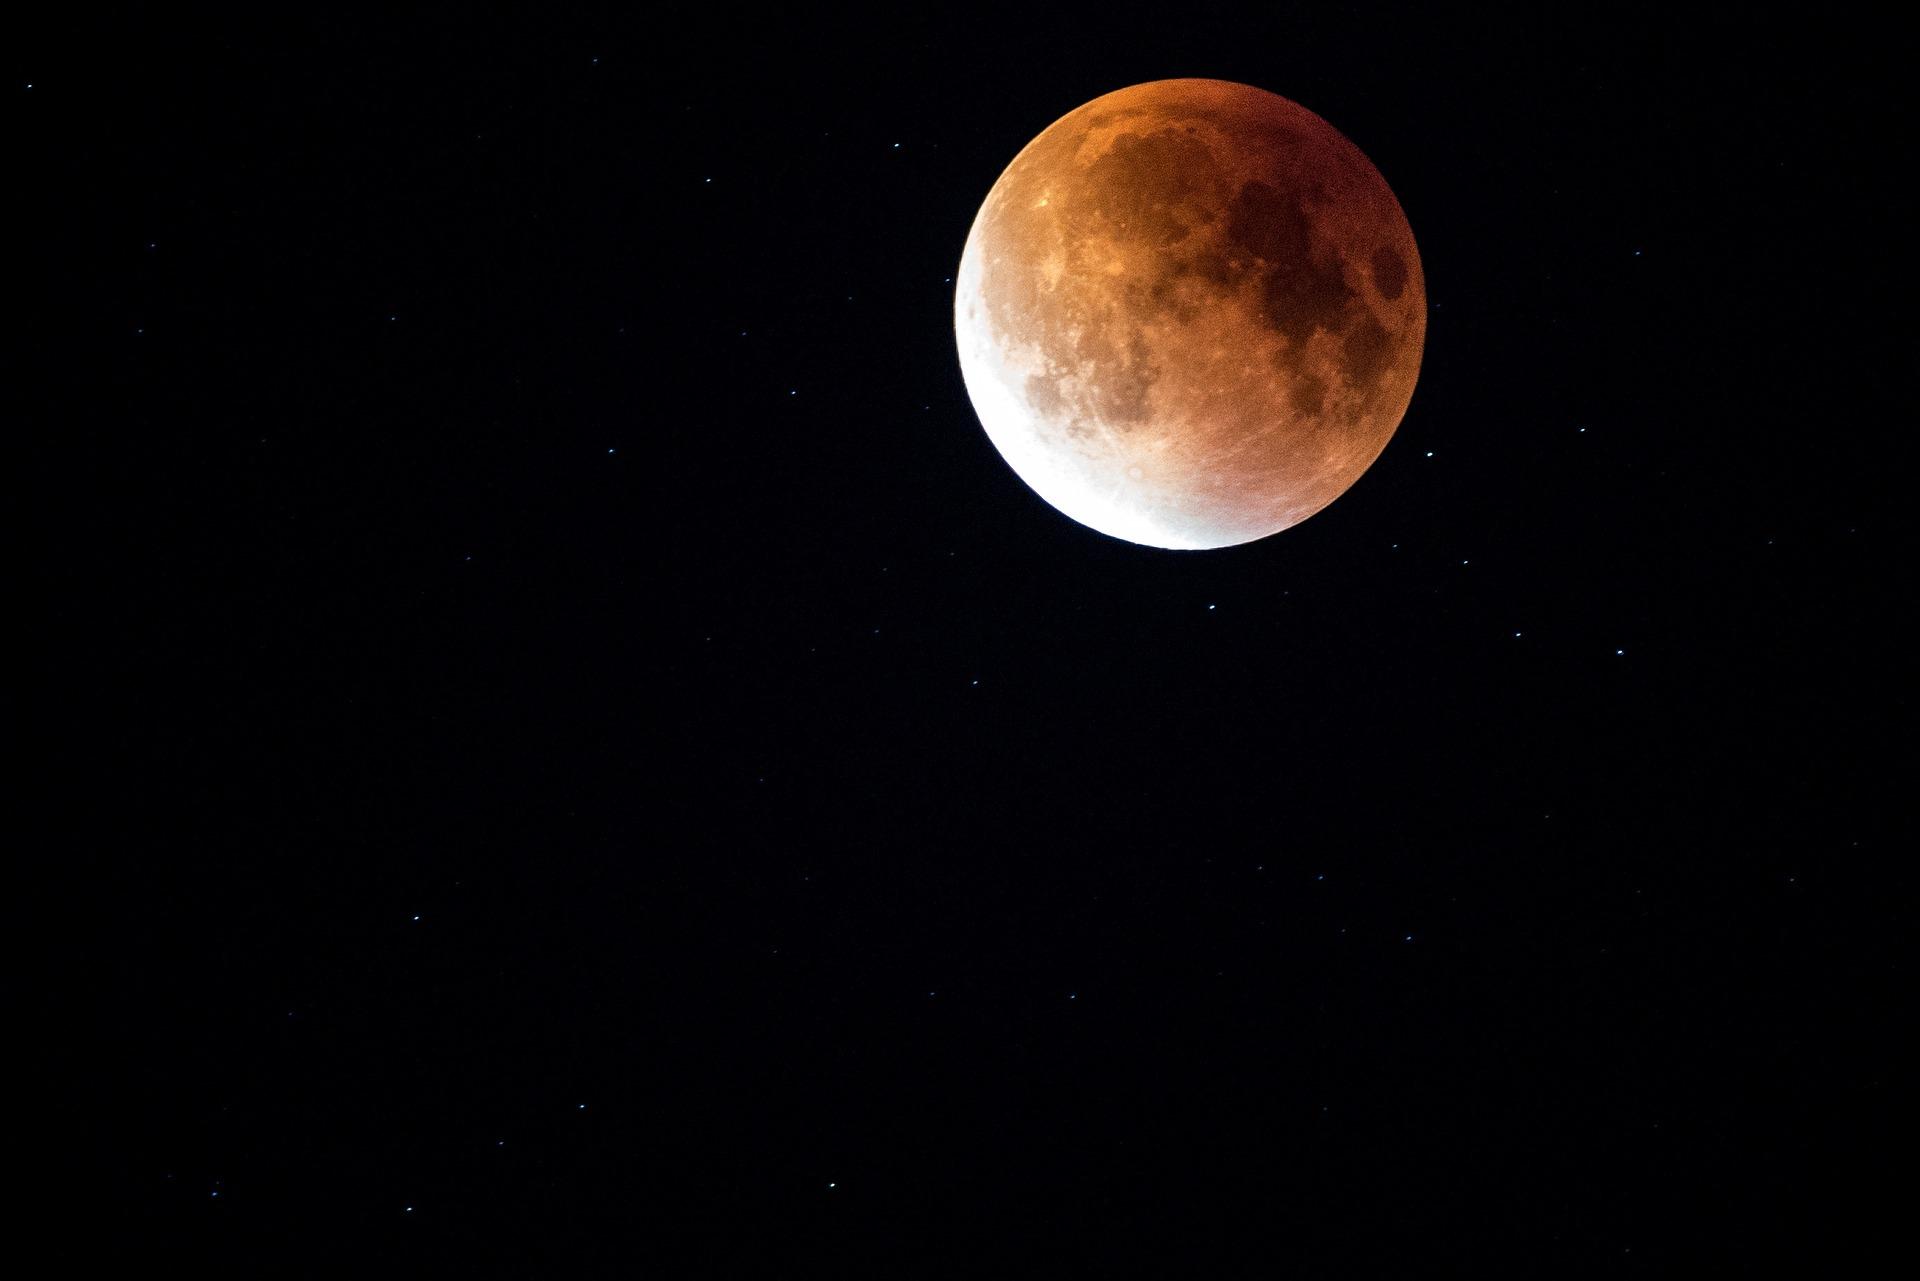 lunar-eclipse-962804_1920